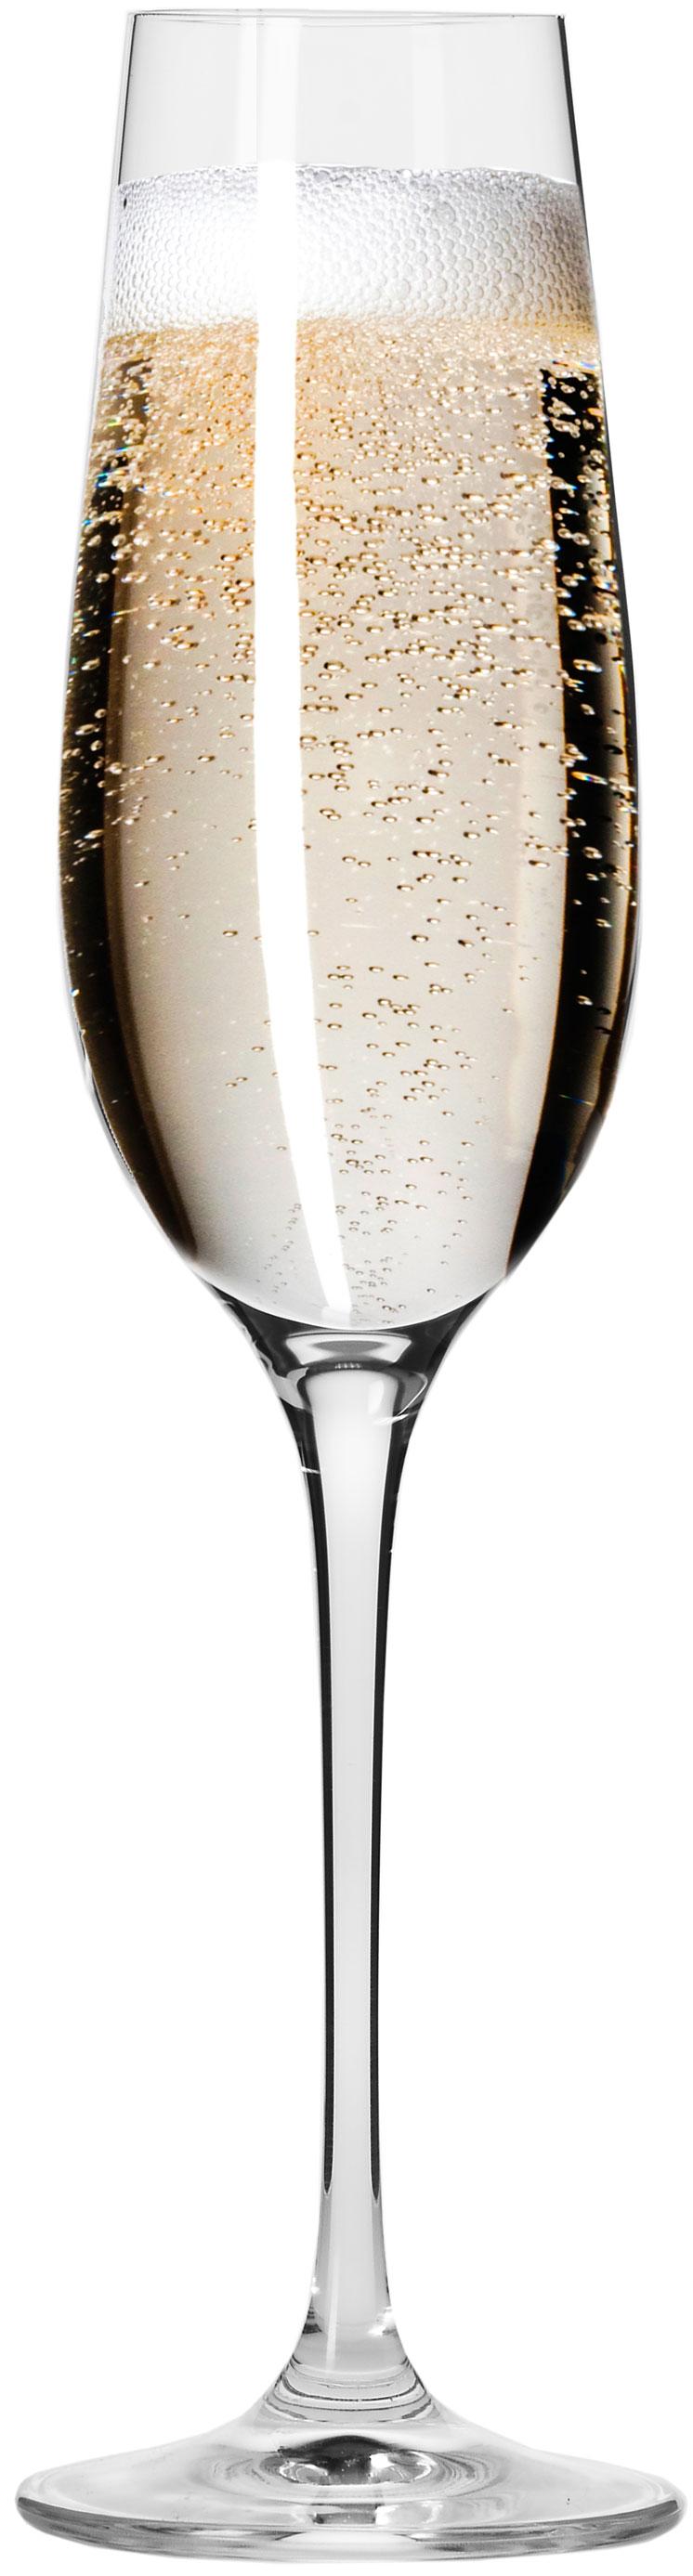 """סט 6 כוסות שמפניה Krosno 180 מ""""ל Harmony Collection Champagne Flute"""